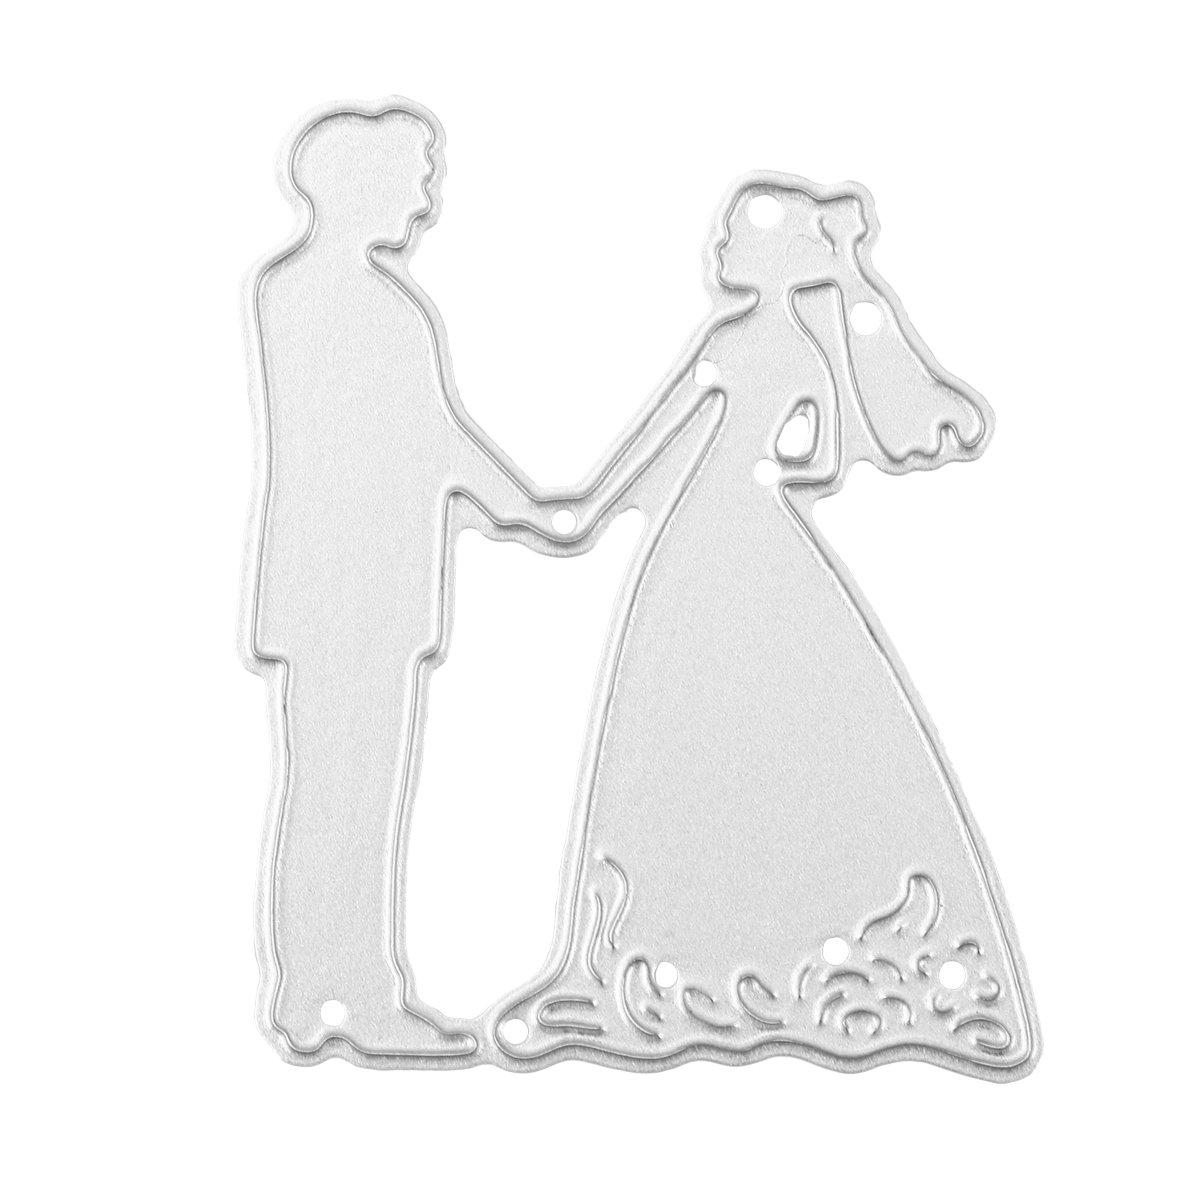 Healifty Plantillas de Troqueles de Corte de boda Novia y Novio Troqueles de Corte para DIY Scrapbooking Álbum de Bodas Arte de Papel: Amazon.es: Hogar